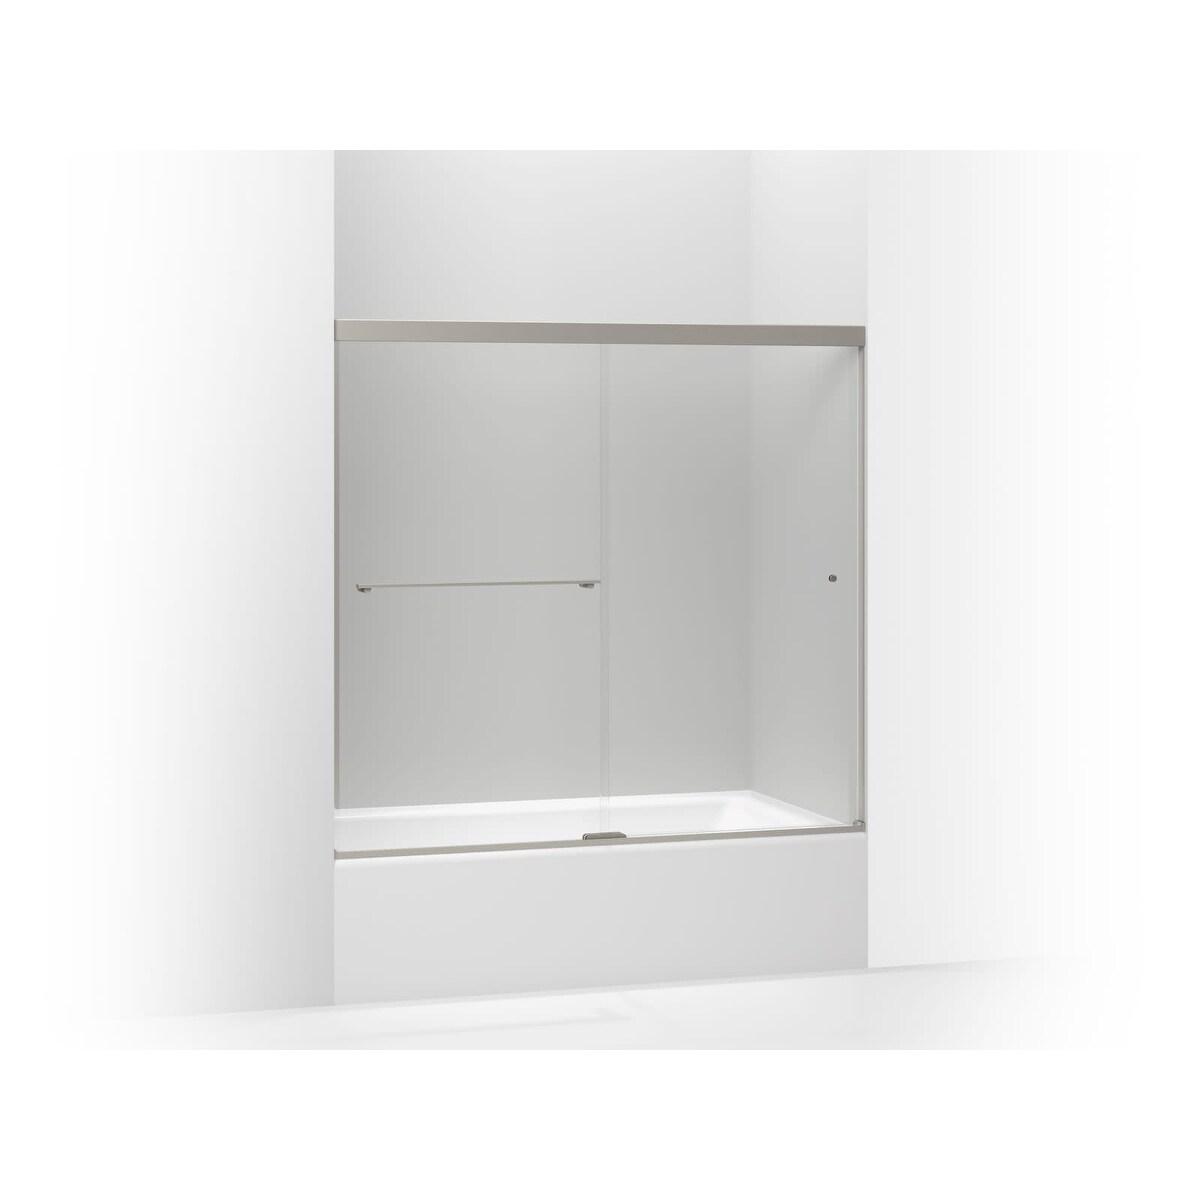 Kohler K 707000 L Revel Frameless Sliding 55 1 2 X 59 5 8 Shower Door With 1 4 Clear Glass Reversible Opening And Cleancoat